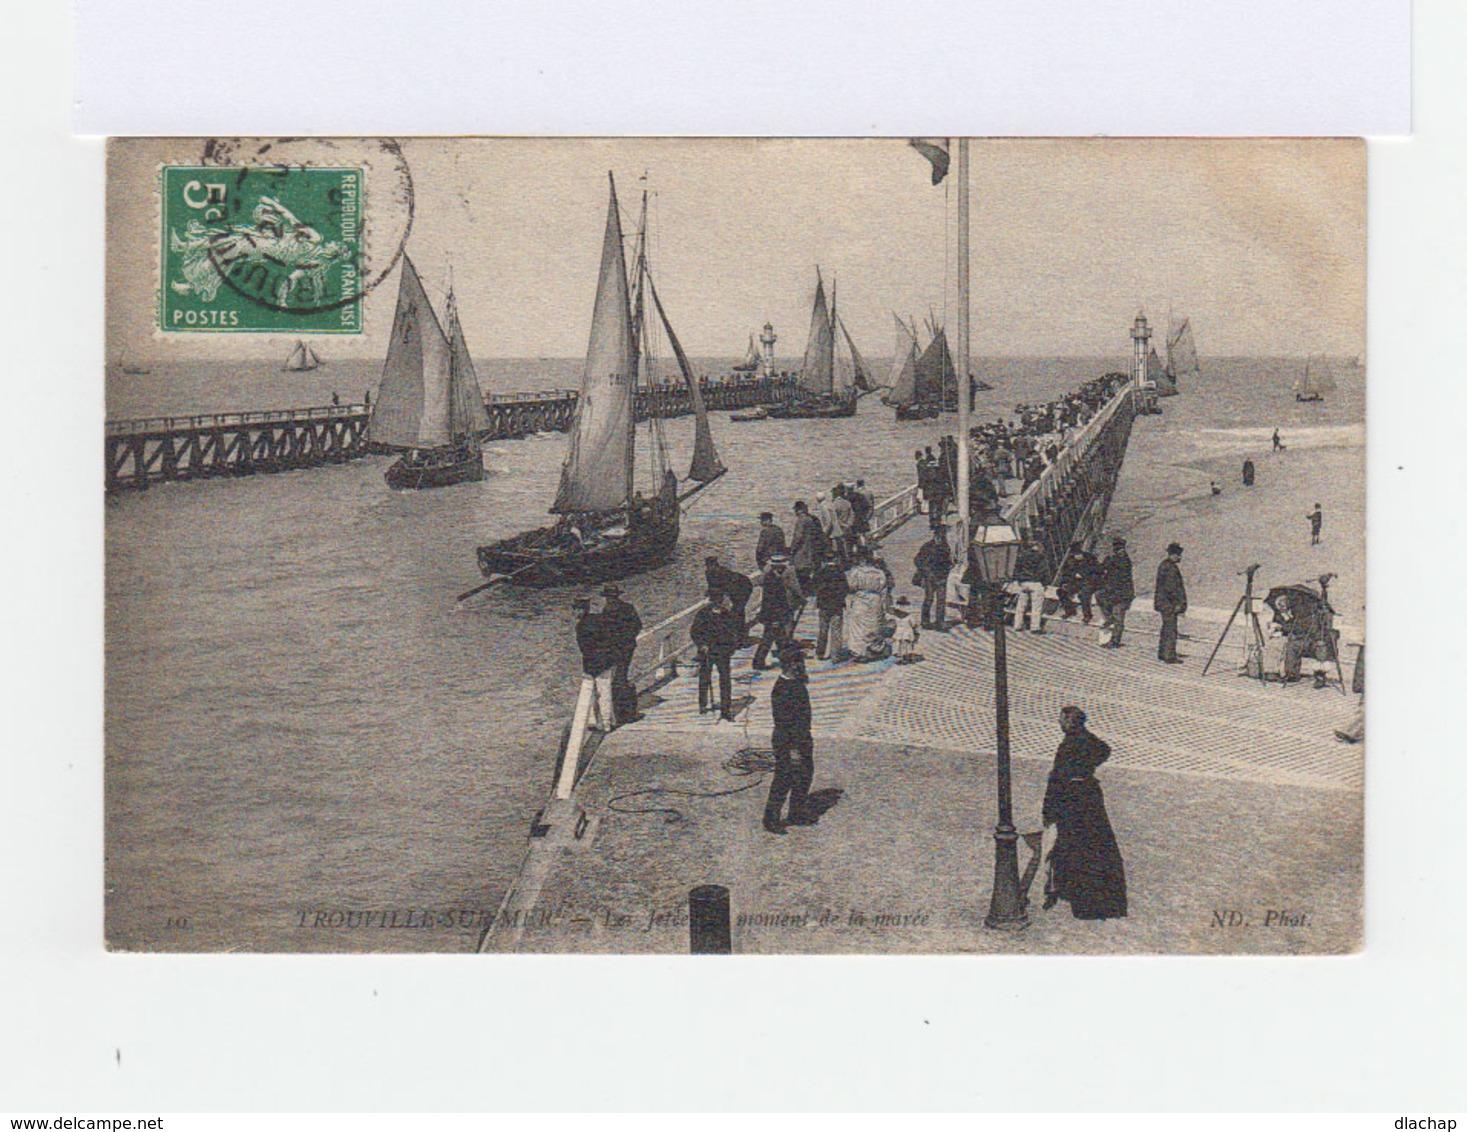 Trouville Sur Mer. La Jetée Au Moment De La Marée. Foule. Bateaux à Voile. (3146) - Trouville